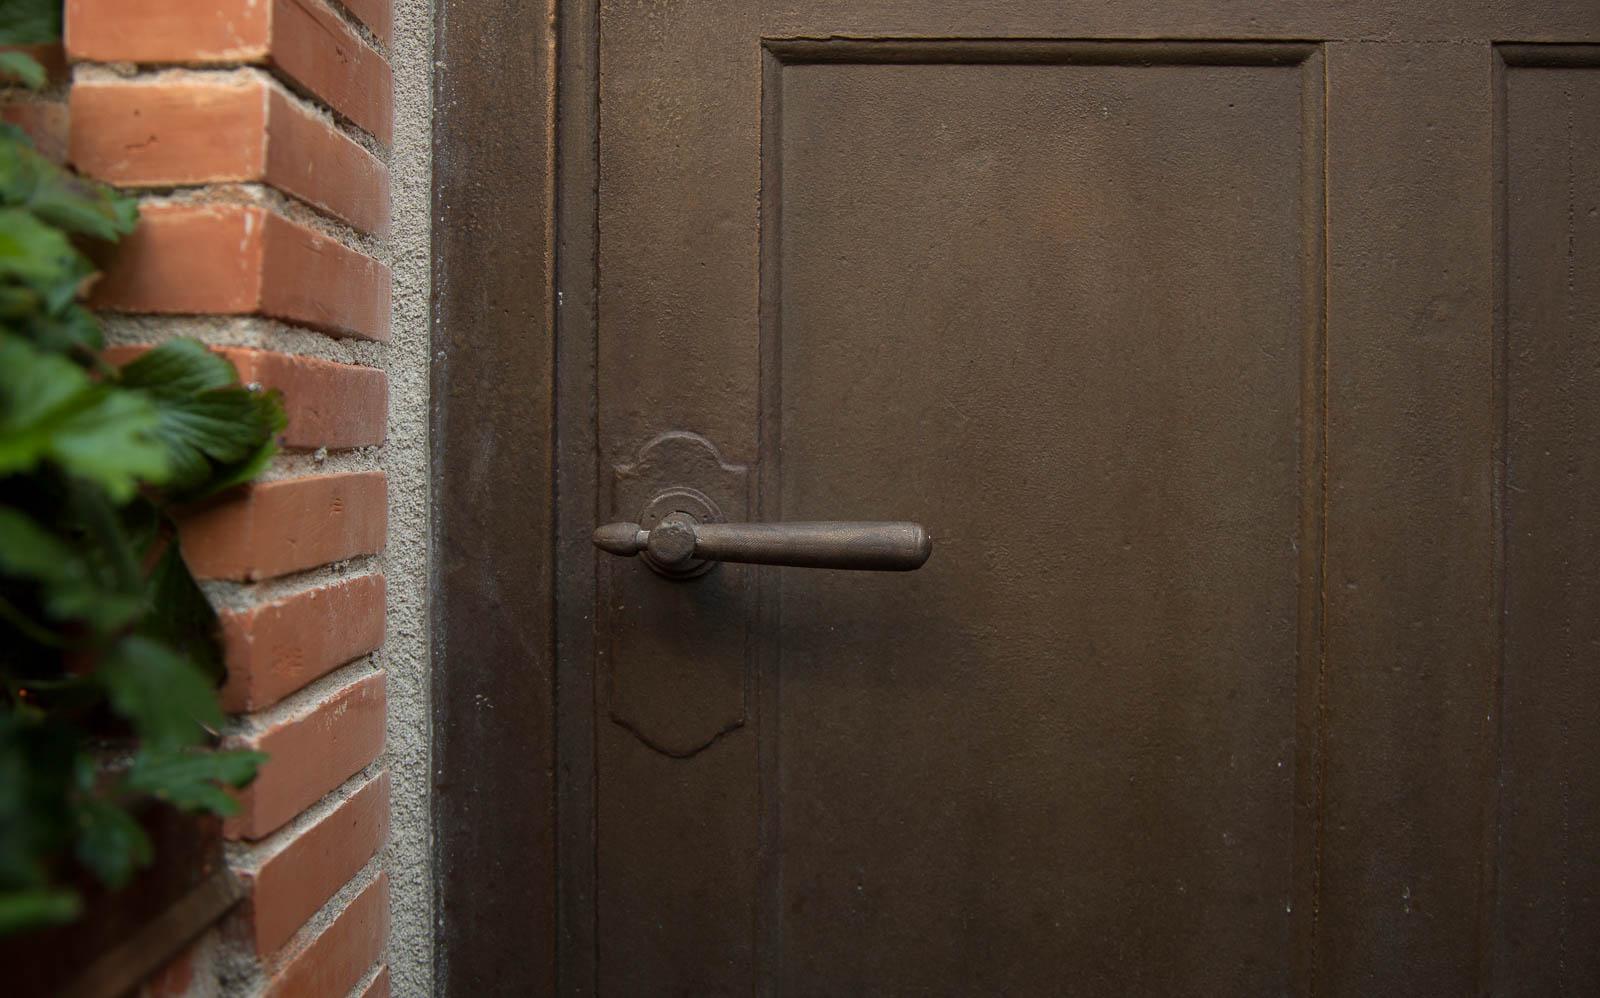 Låg brun port med dörrhandtag. Johan Thurfjell, Egen ingång, 2014